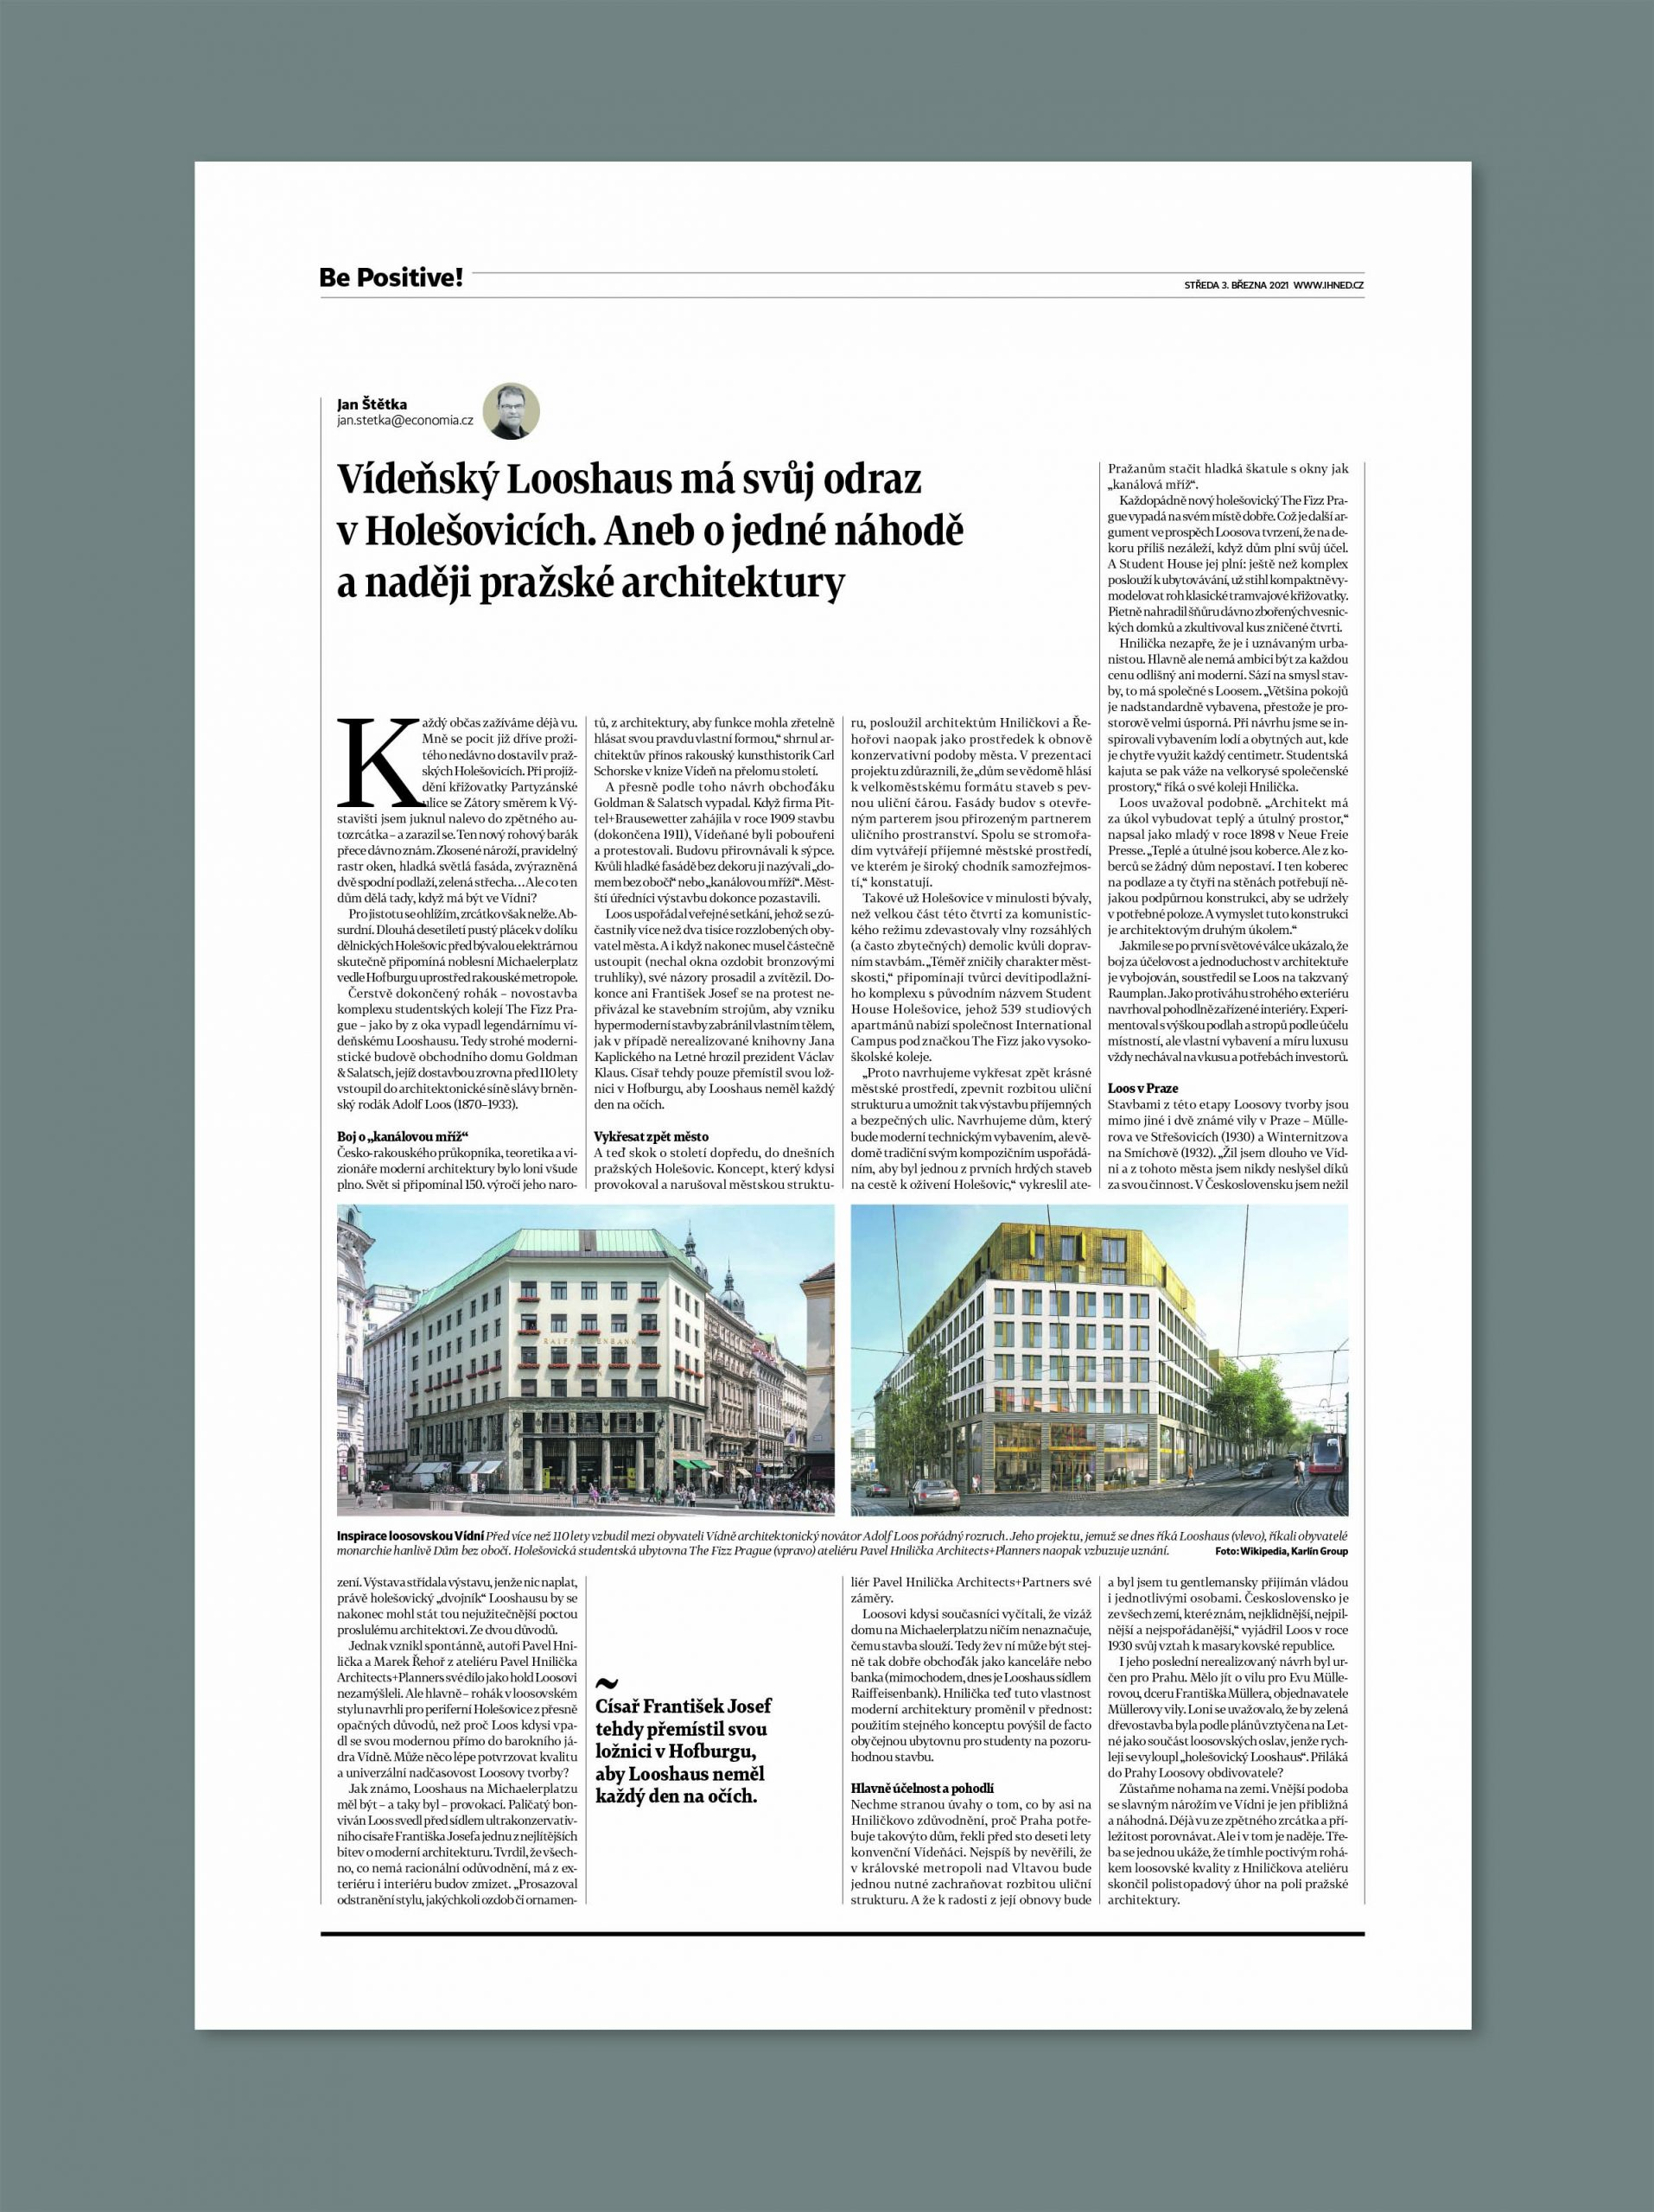 Stránka s pozitivními zprávami Hospodářských novin z 3. března